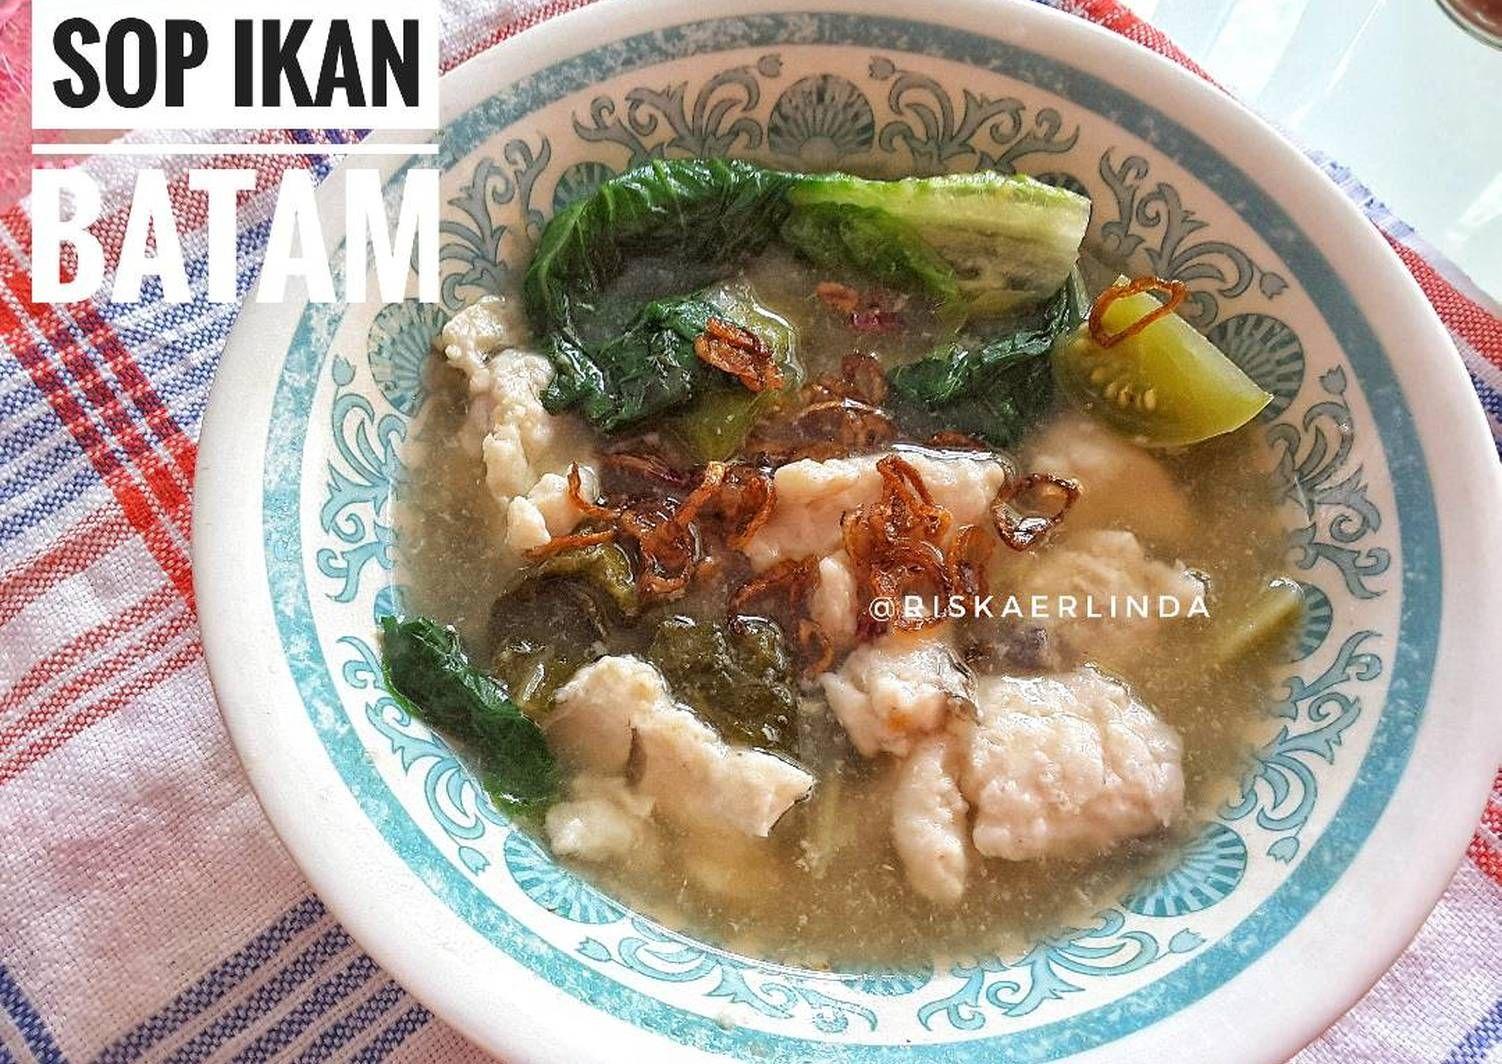 Resep Sop Ikan Batam Oleh Riska Erlinda Resep Resep Makanan Resep Makanan